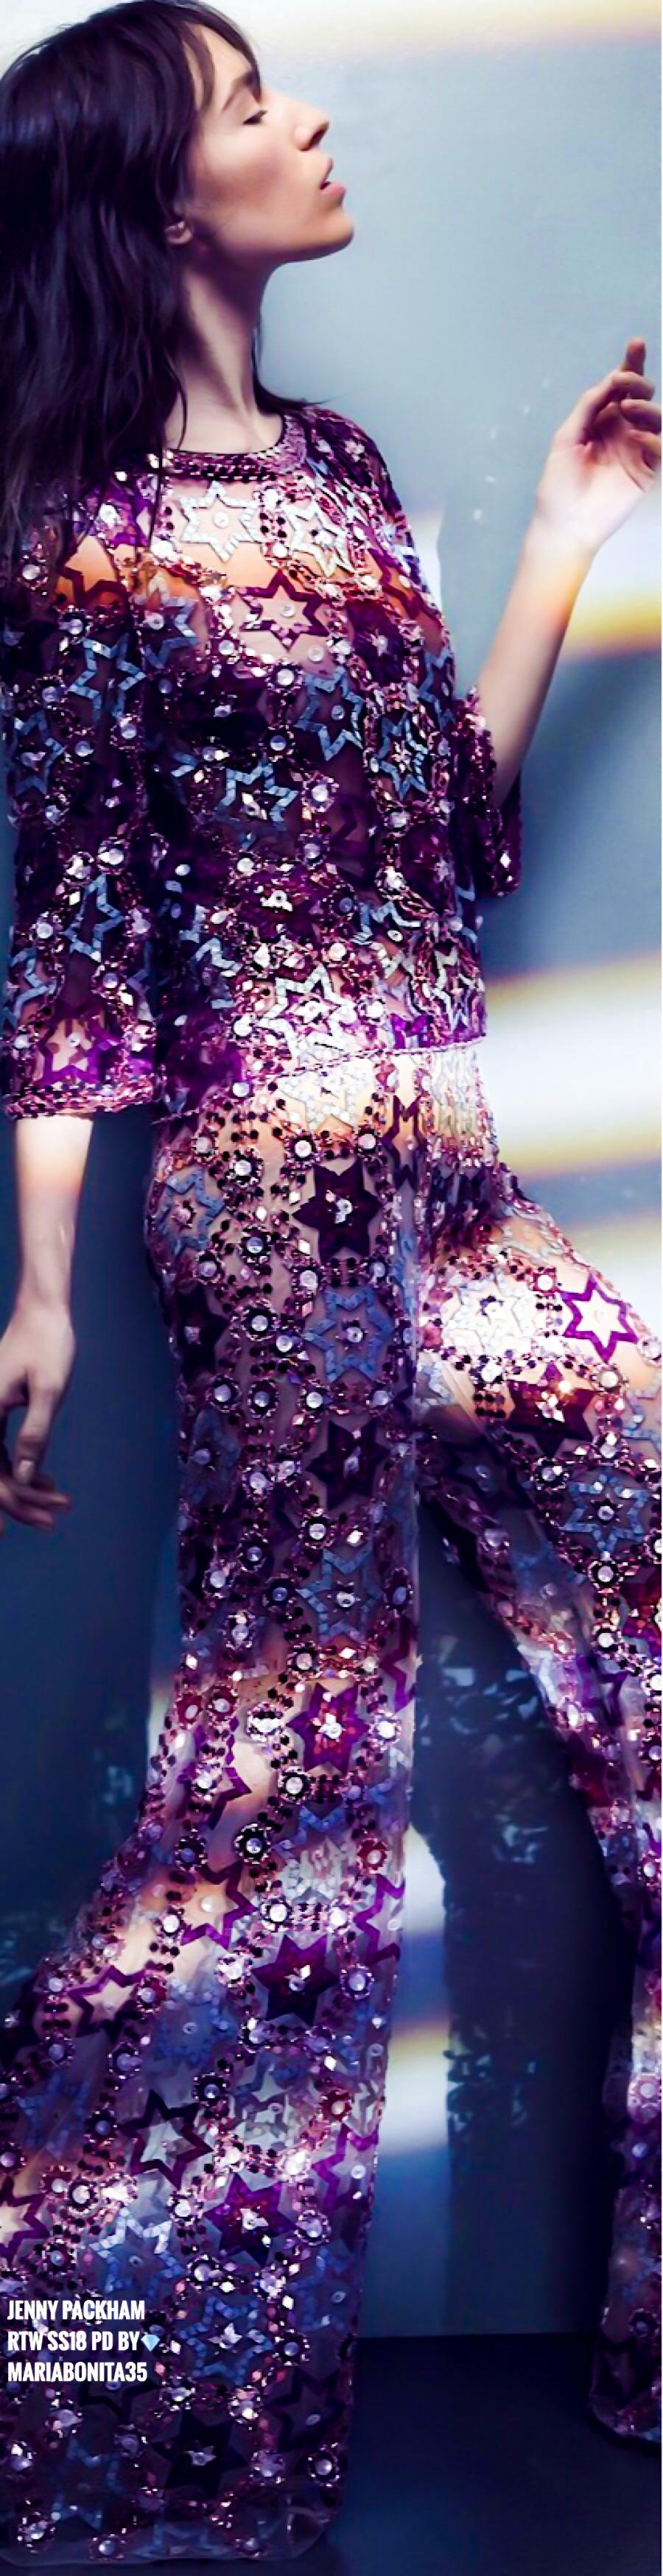 Encantador Jenny Packham Vestidos De Dama 2014 Cresta - Ideas de ...